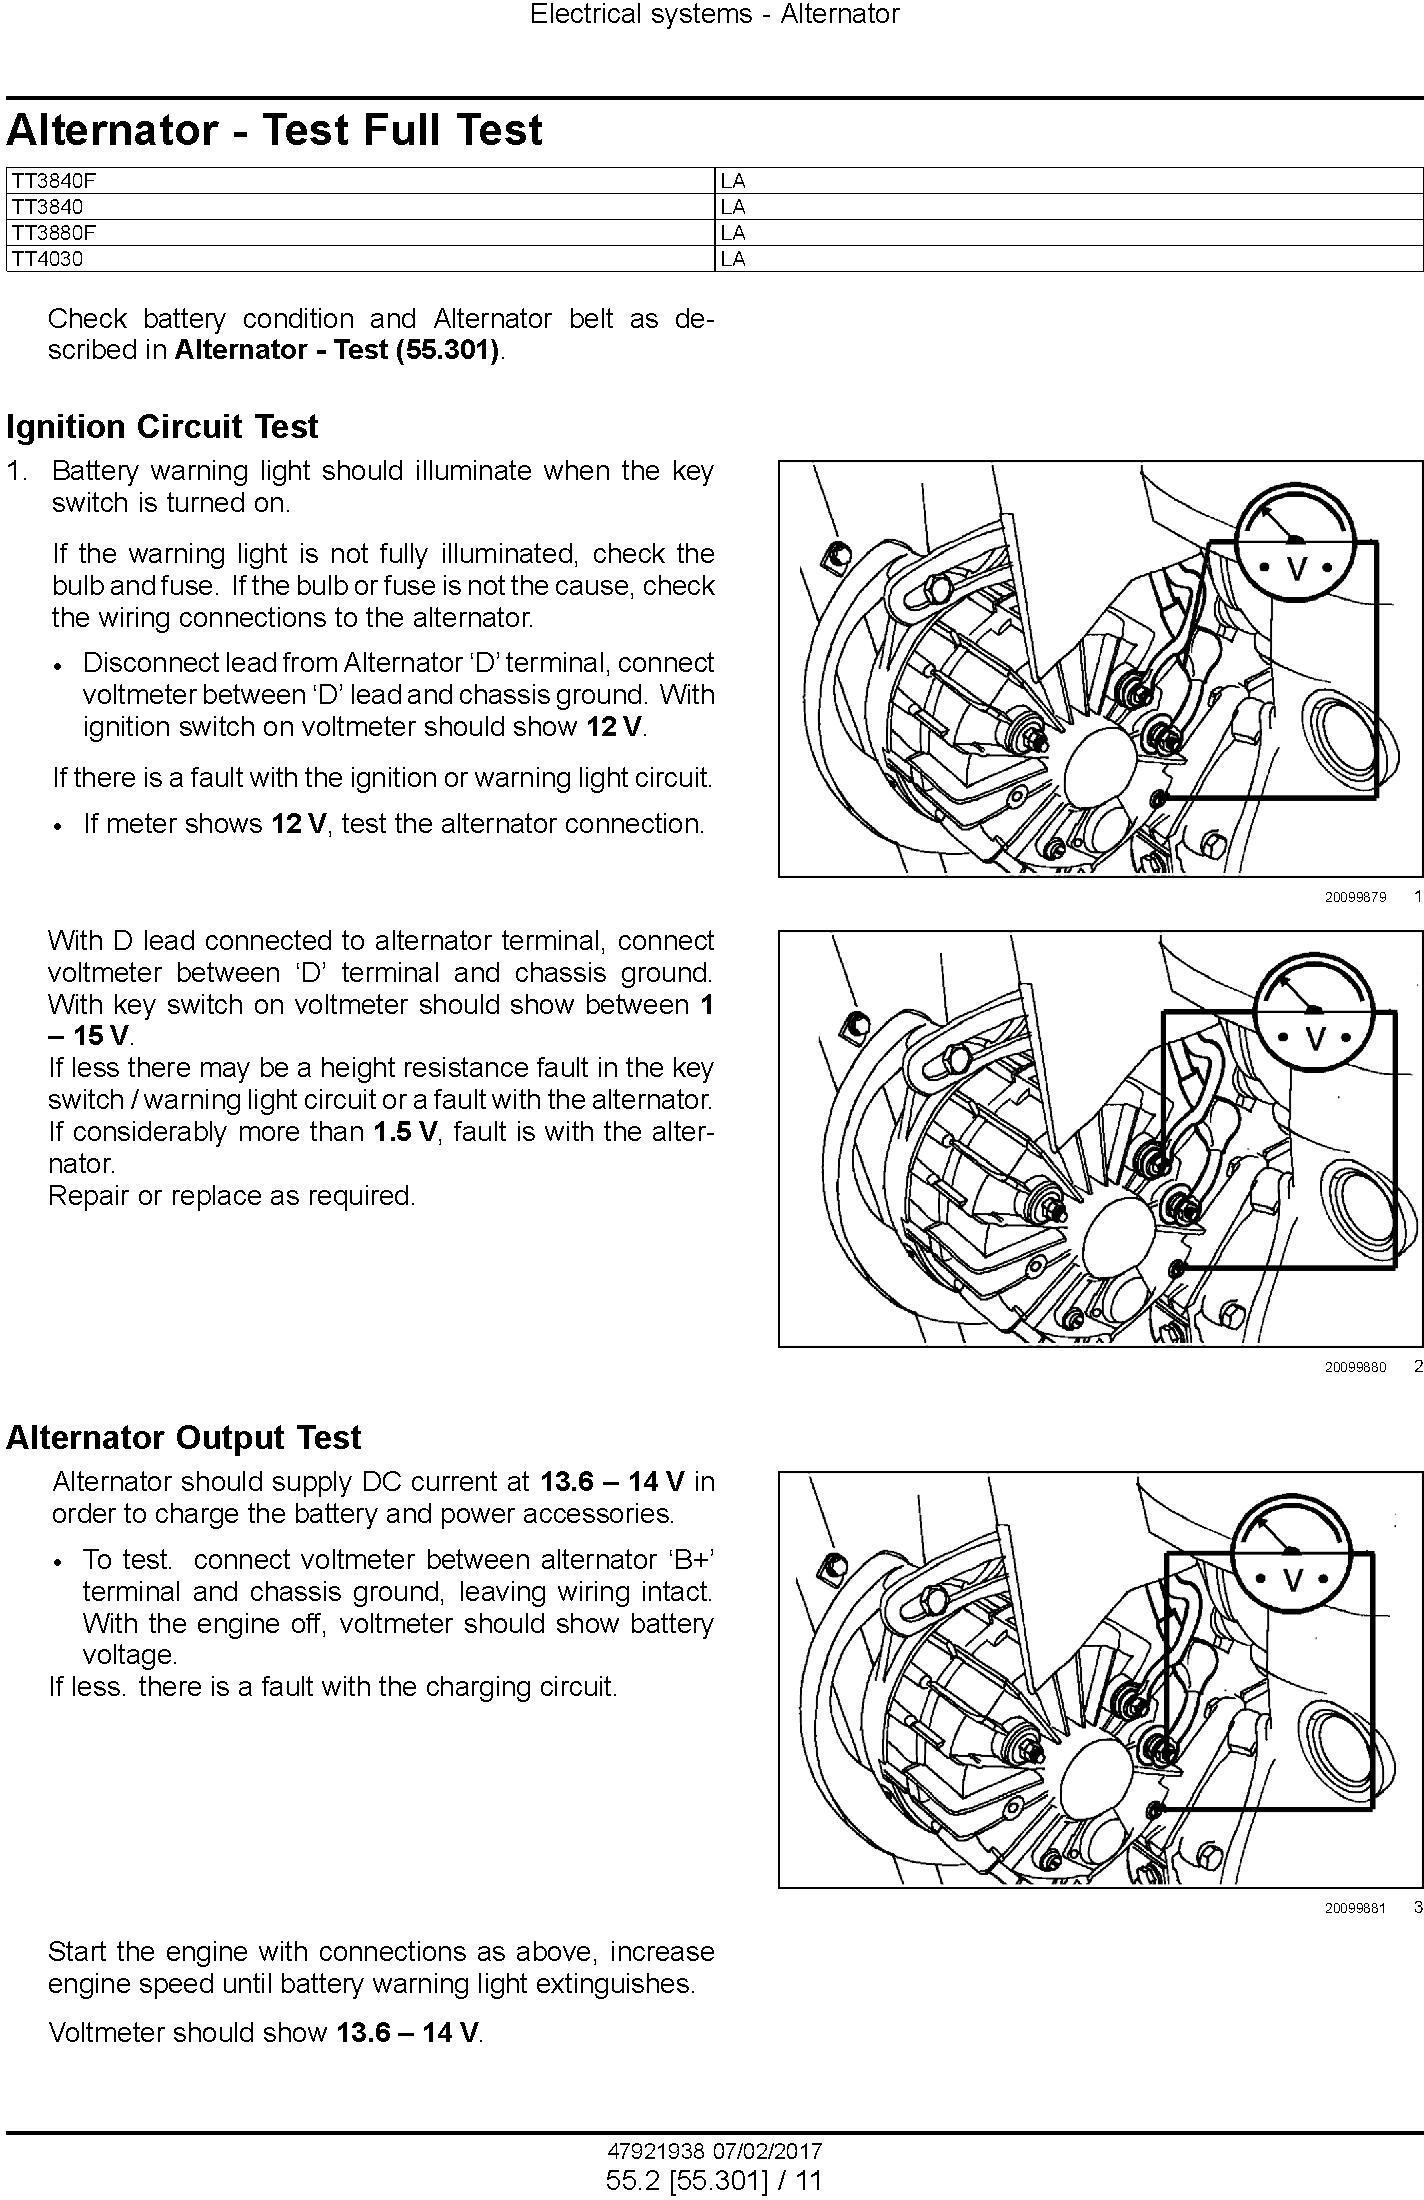 New Holland TT3840, TT3840F, TT4030, TT3880F Tractor Service Manual (Latin America) - 1